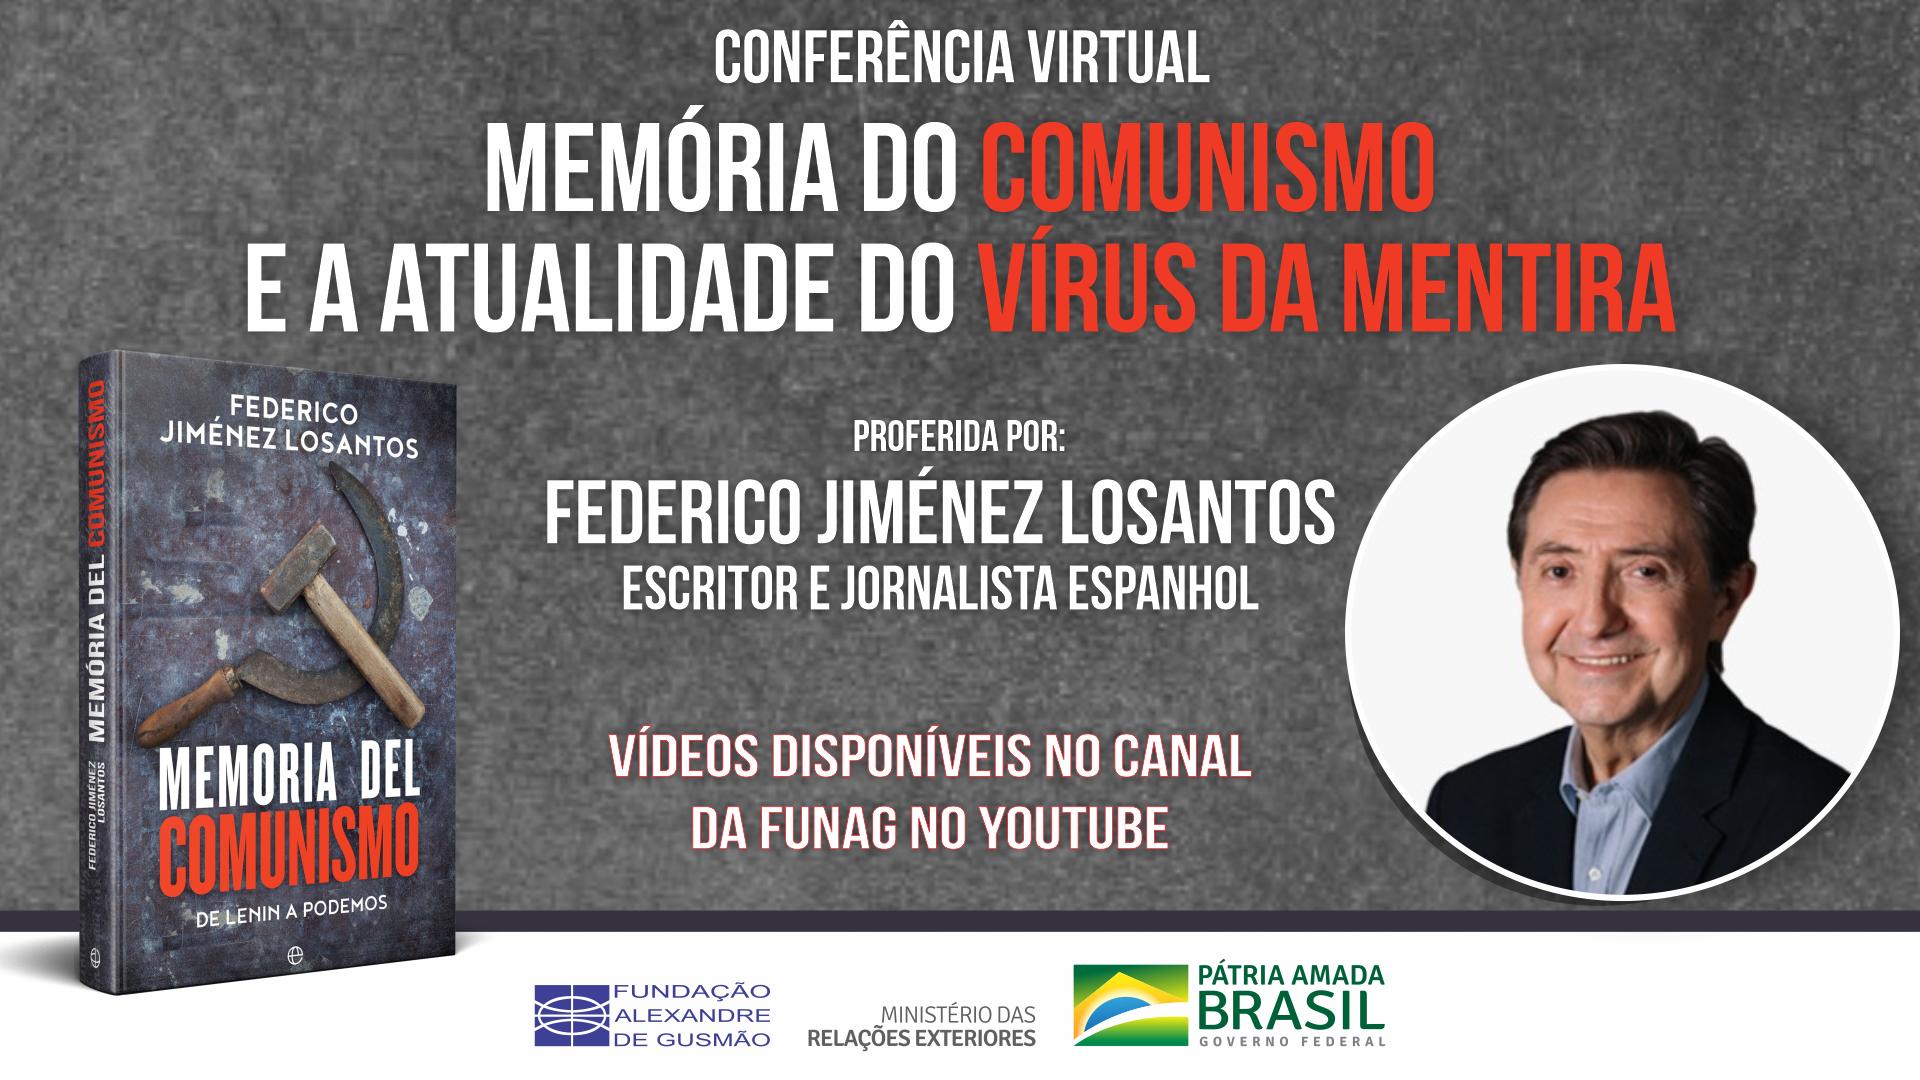 """Assista aos vídeos da conferência """"Memória do comunismo e a atualidade do vírus da mentira"""""""